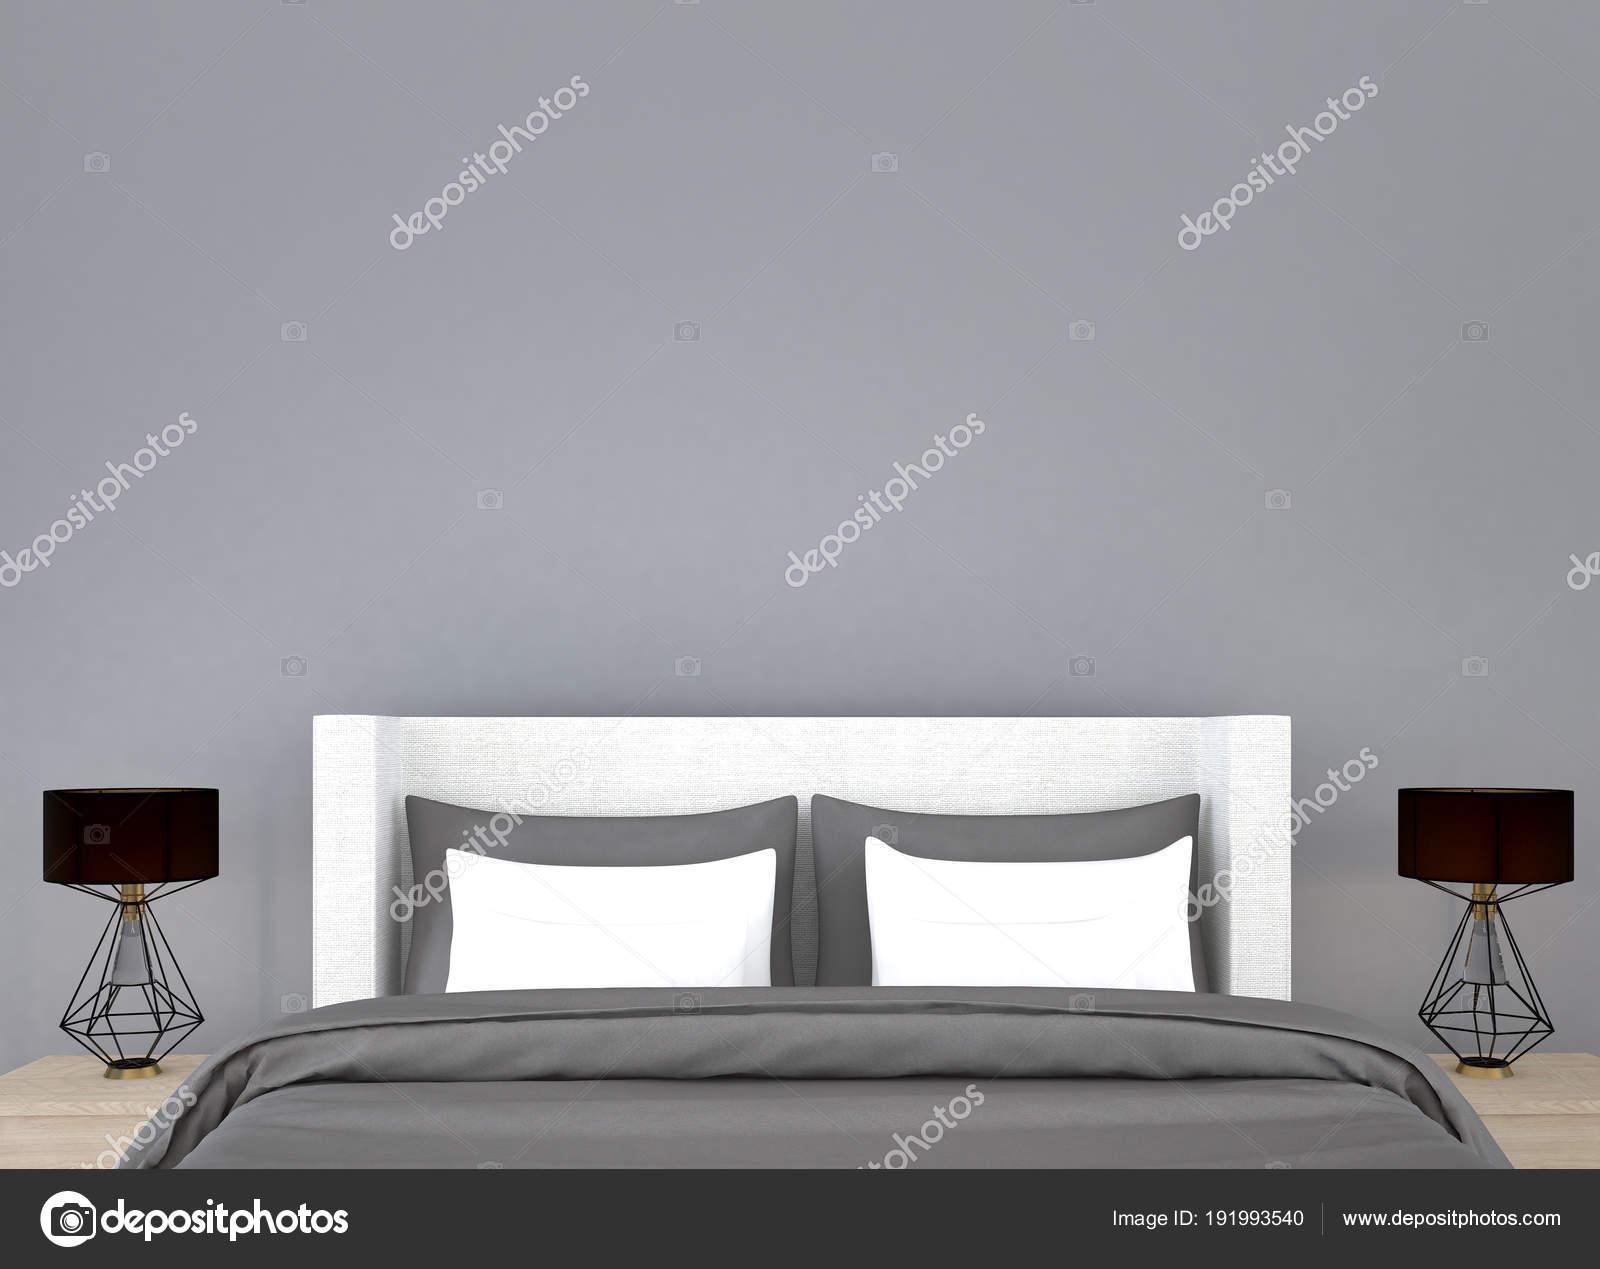 Slaapkamer Interieur Grijs : Slaapkamer interieur ontwerp idee grijs muur textuur achtergrond